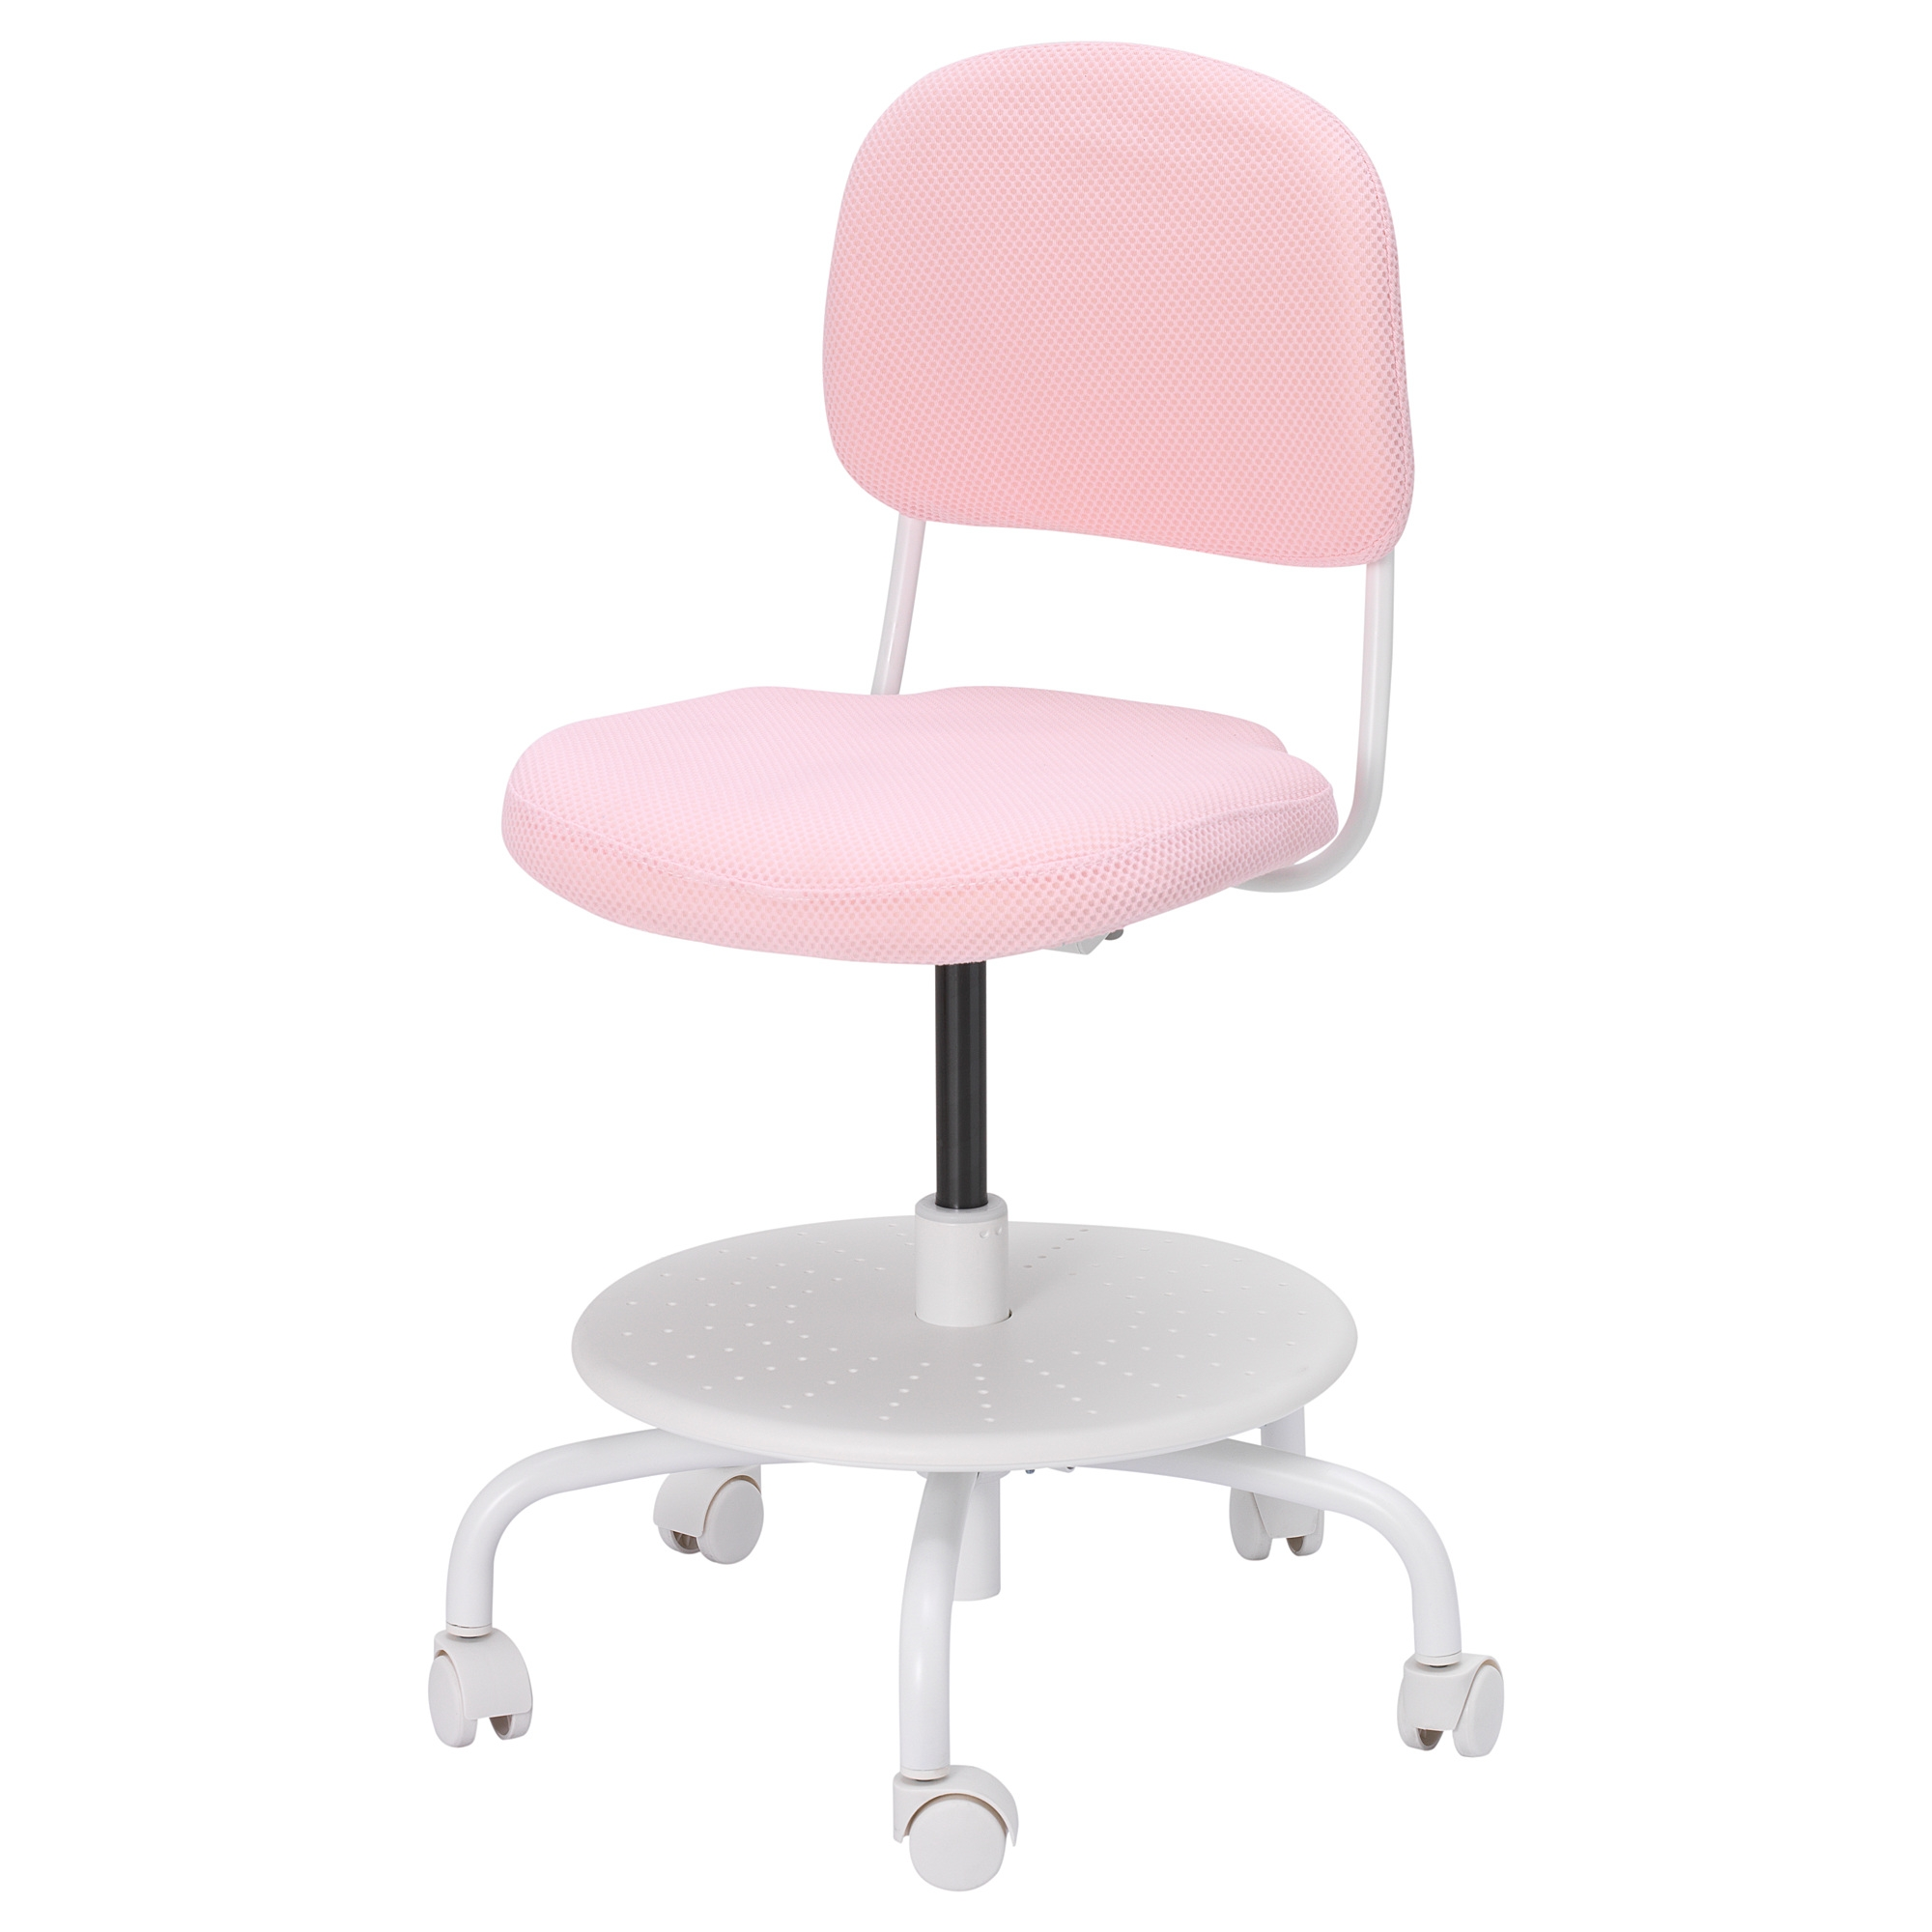 VIMUND silla de escritorio para niños